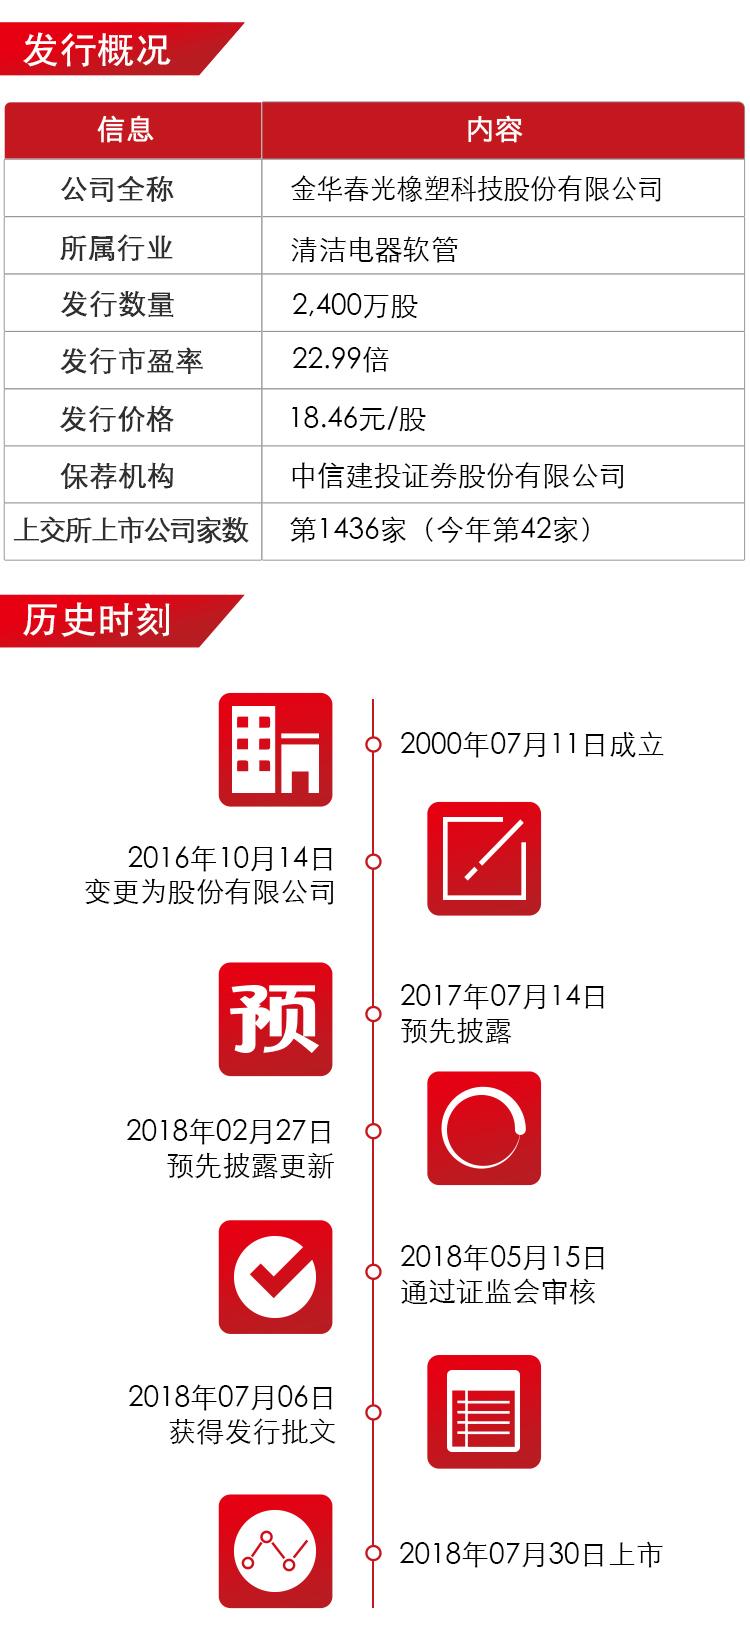 春光科技-上市海报_02.jpg